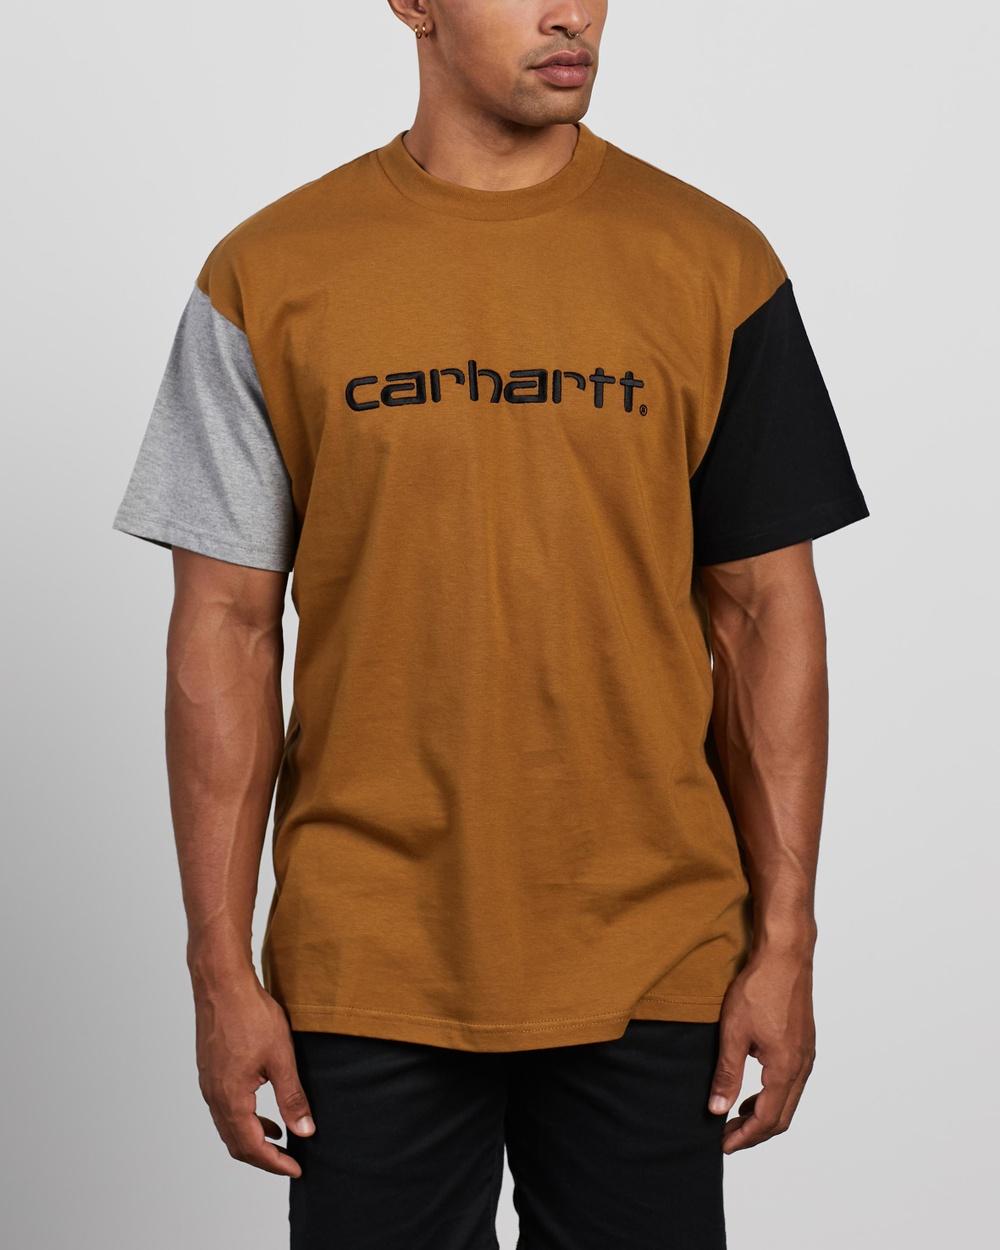 Carhartt - SS Carhartt Tricolour T Shirt - T-Shirts & Singlets (Hamilton Brown) SS Carhartt Tricolour T-Shirt